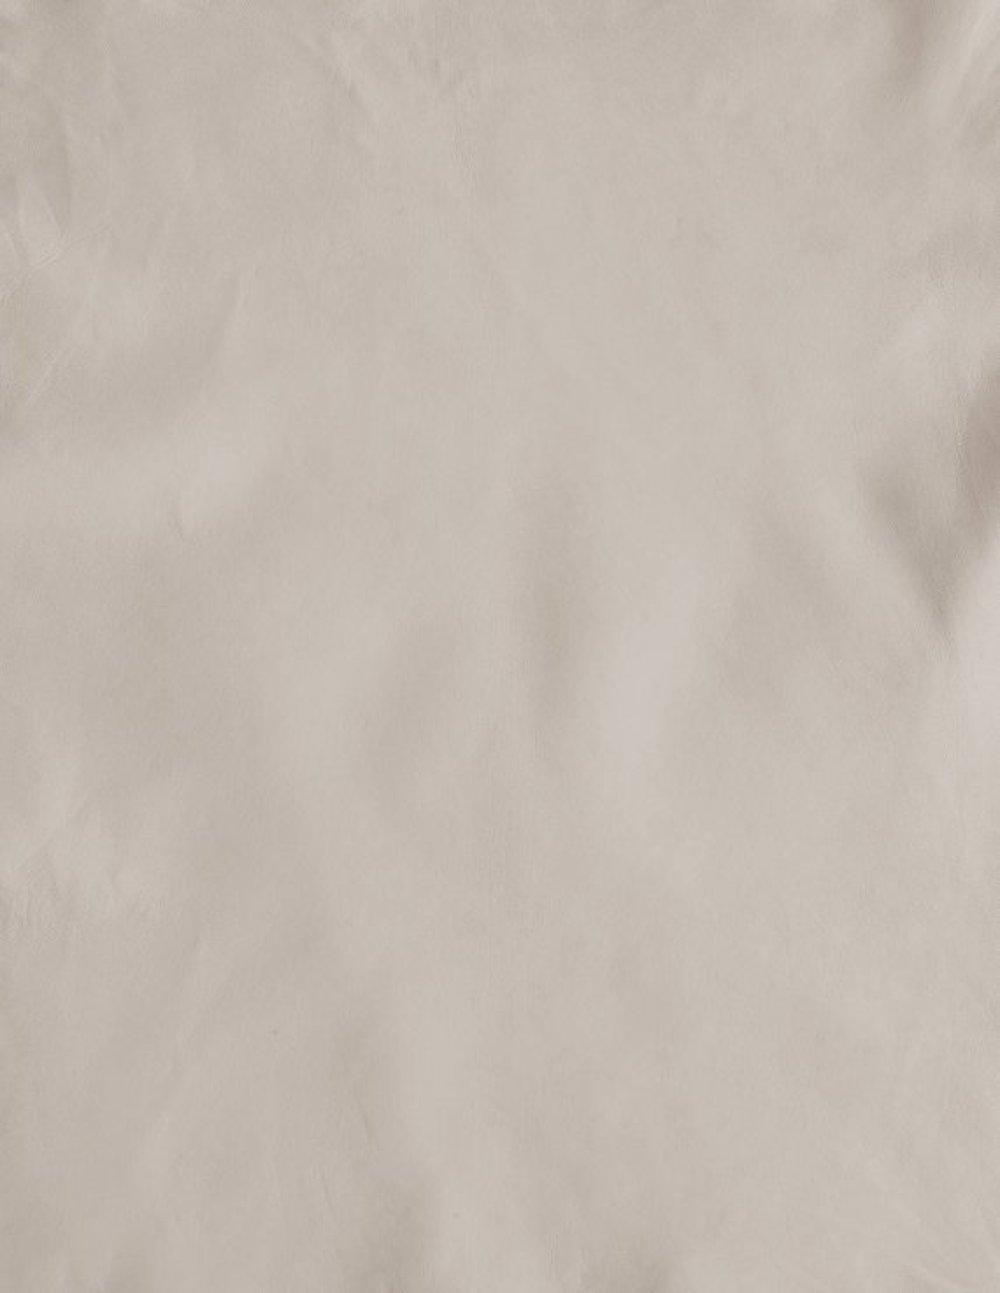 A051-P*   \\ Peau d'AGNEAU BASE VÉGÉTALE Blanc/Gris - Stain - XL - //